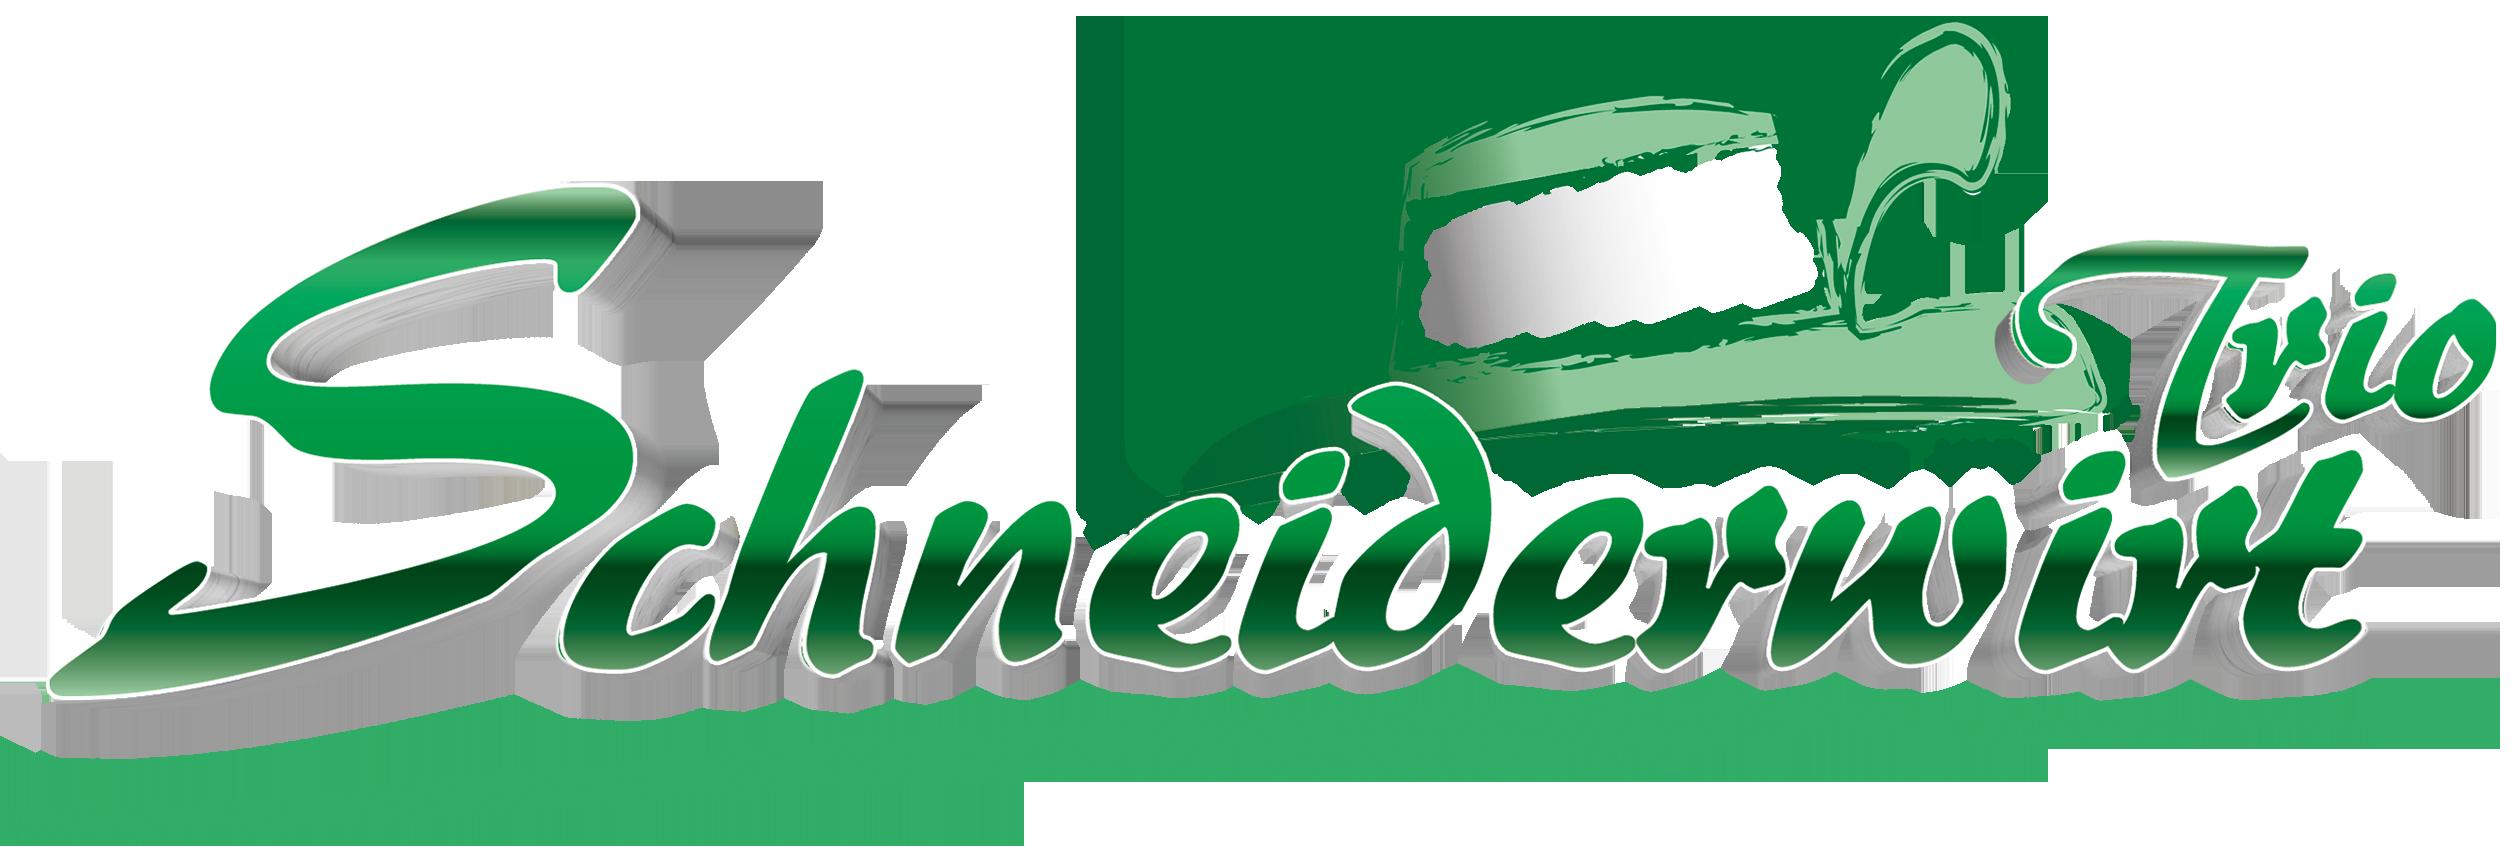 schneiderwirt_trio_logo_veredelt_final_auf_schwarz